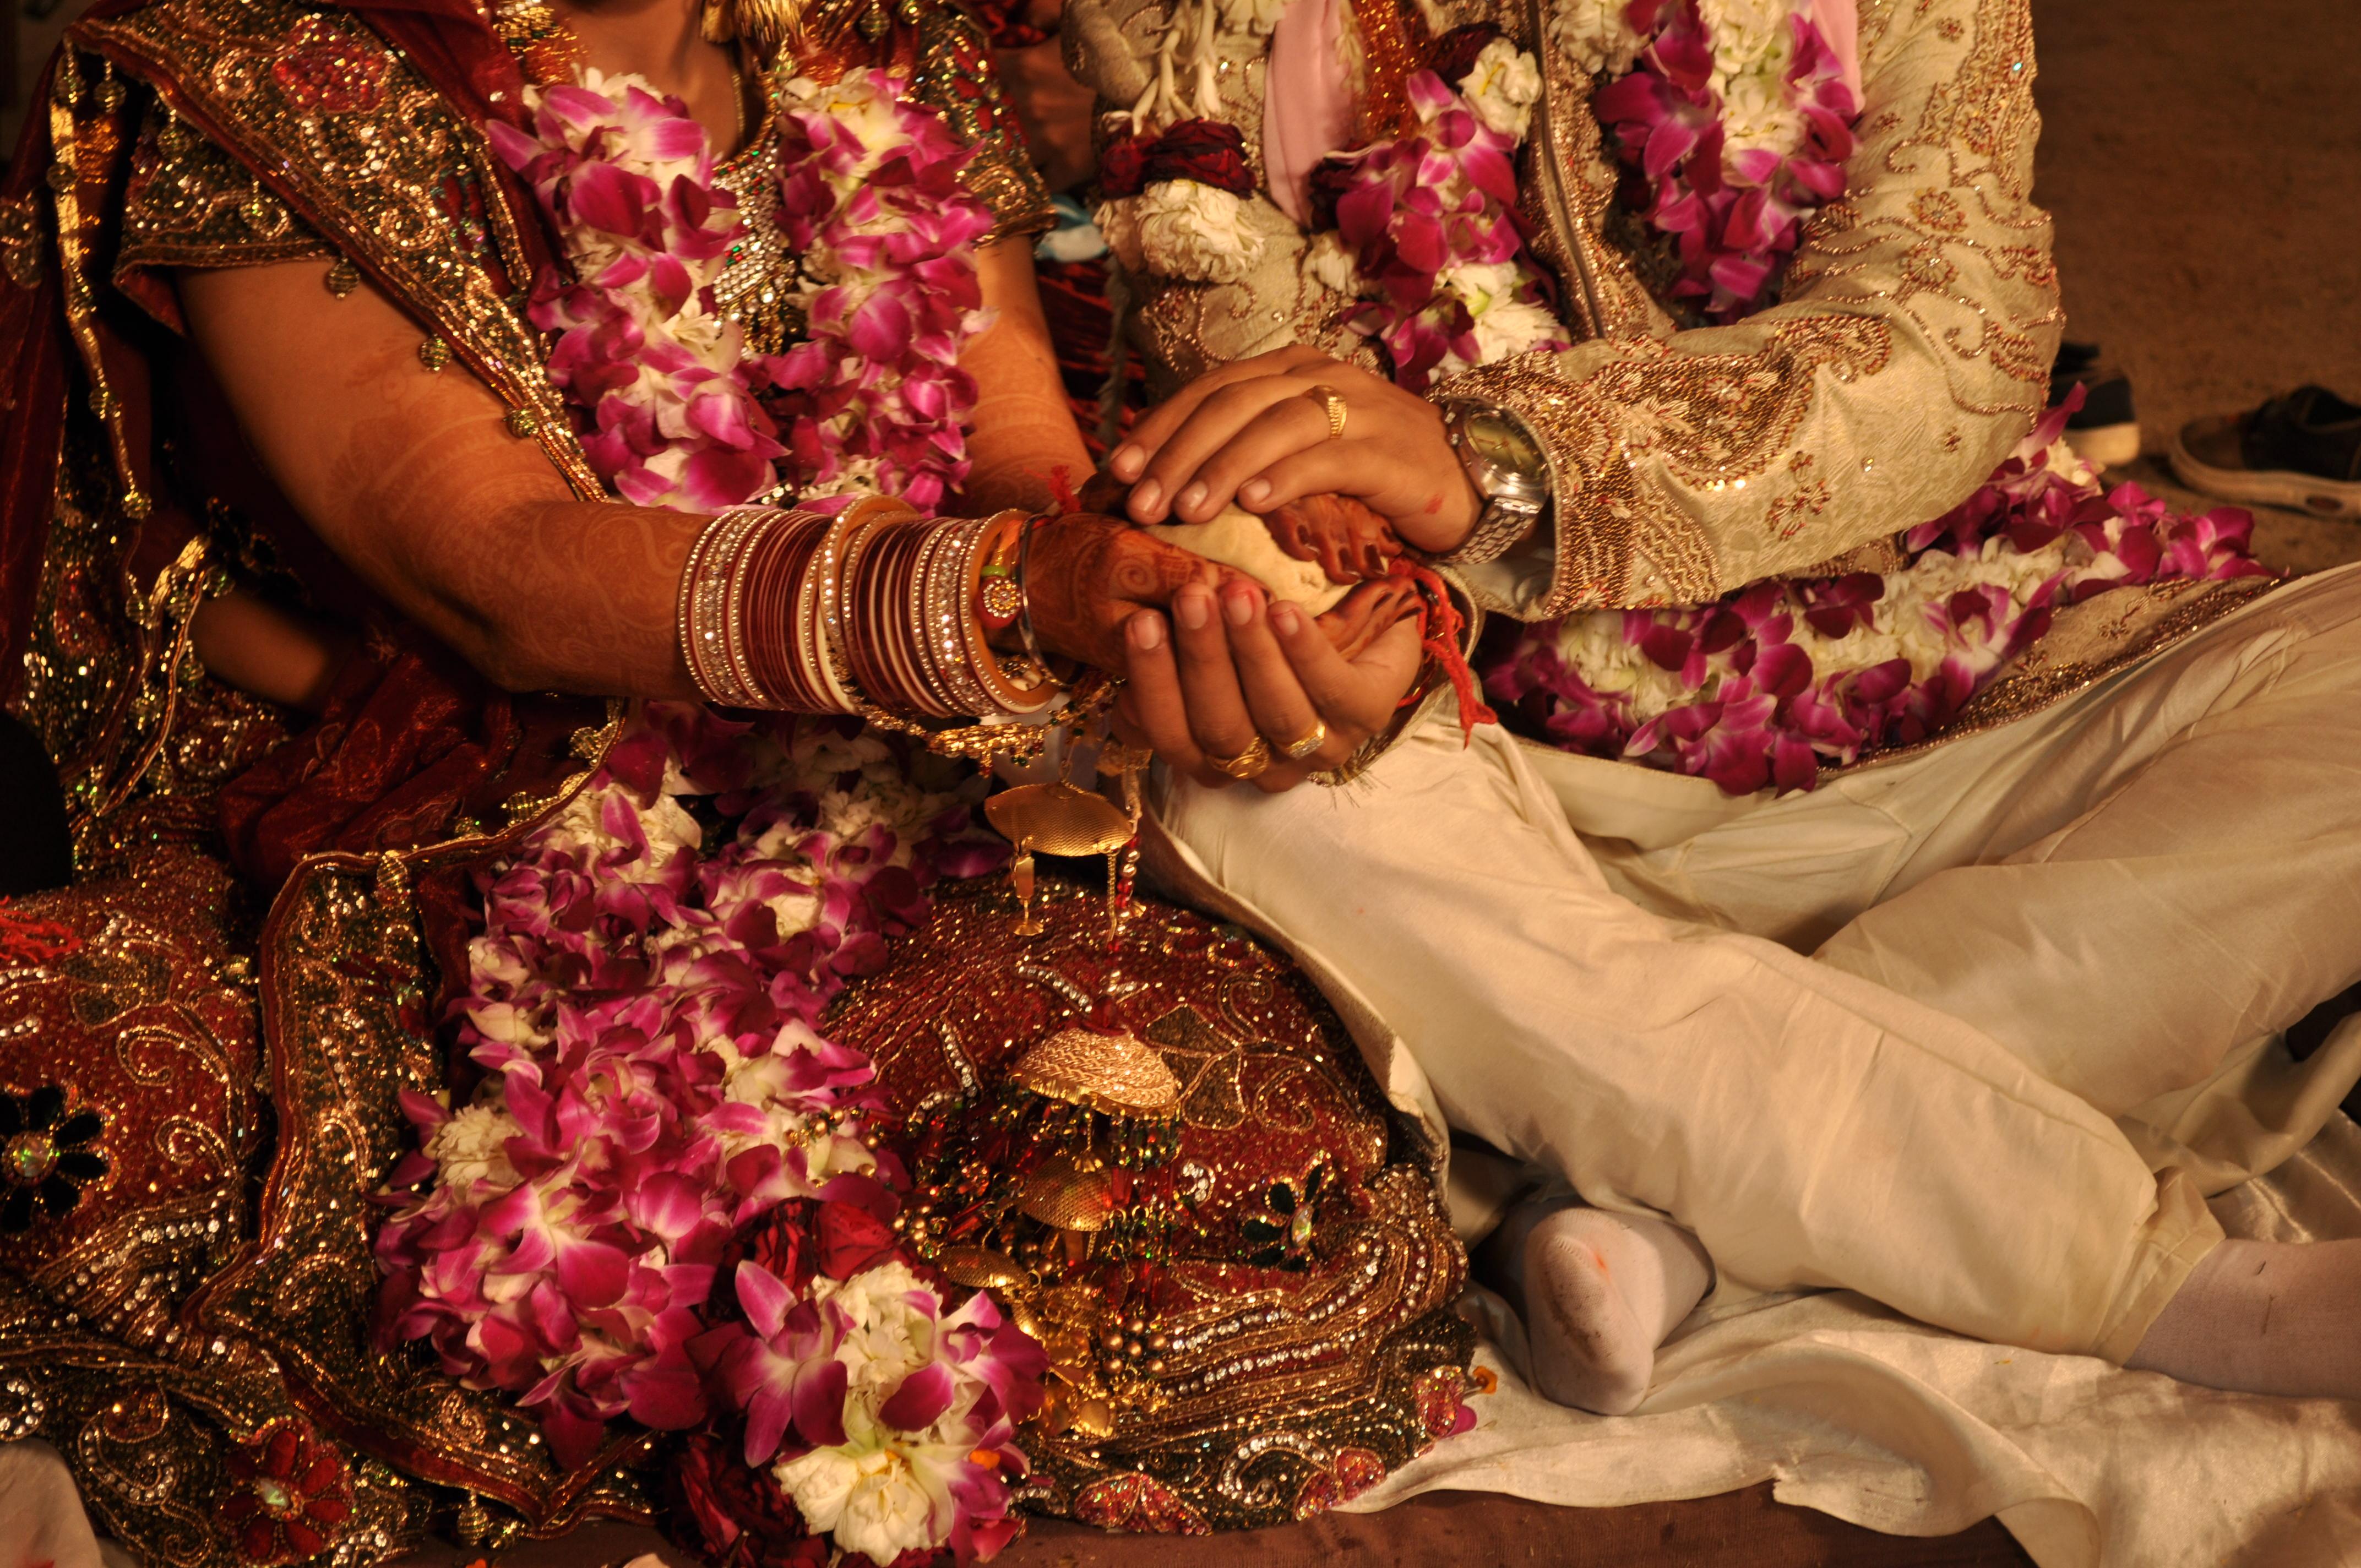 Tradiții și obiceiuri în cultura indiană